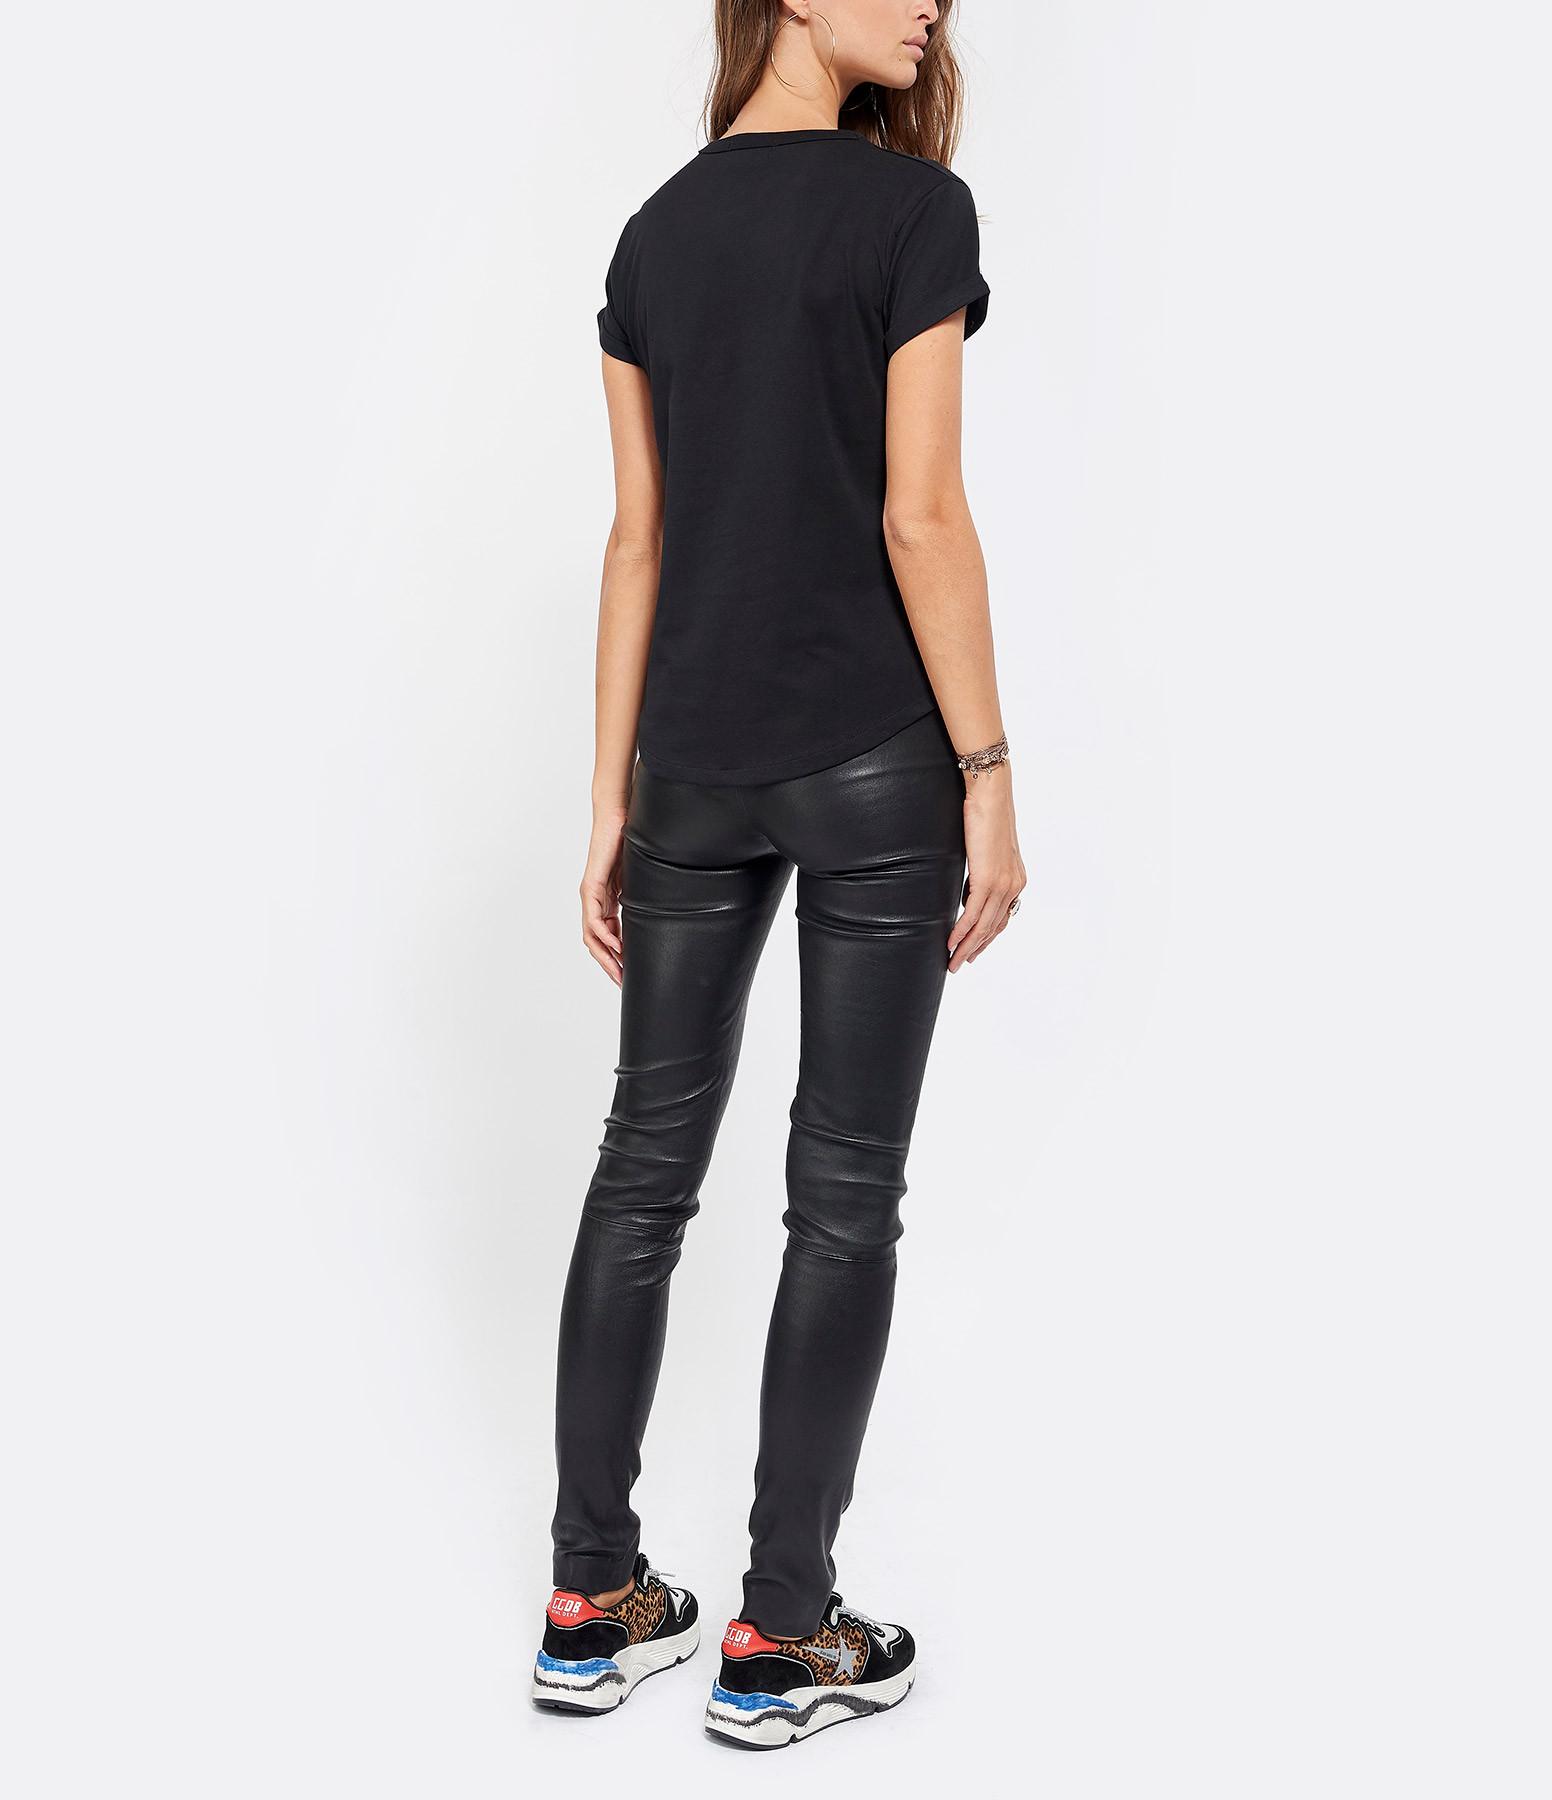 MAISON LABICHE - Tee-shirt Amour Noir Rouge